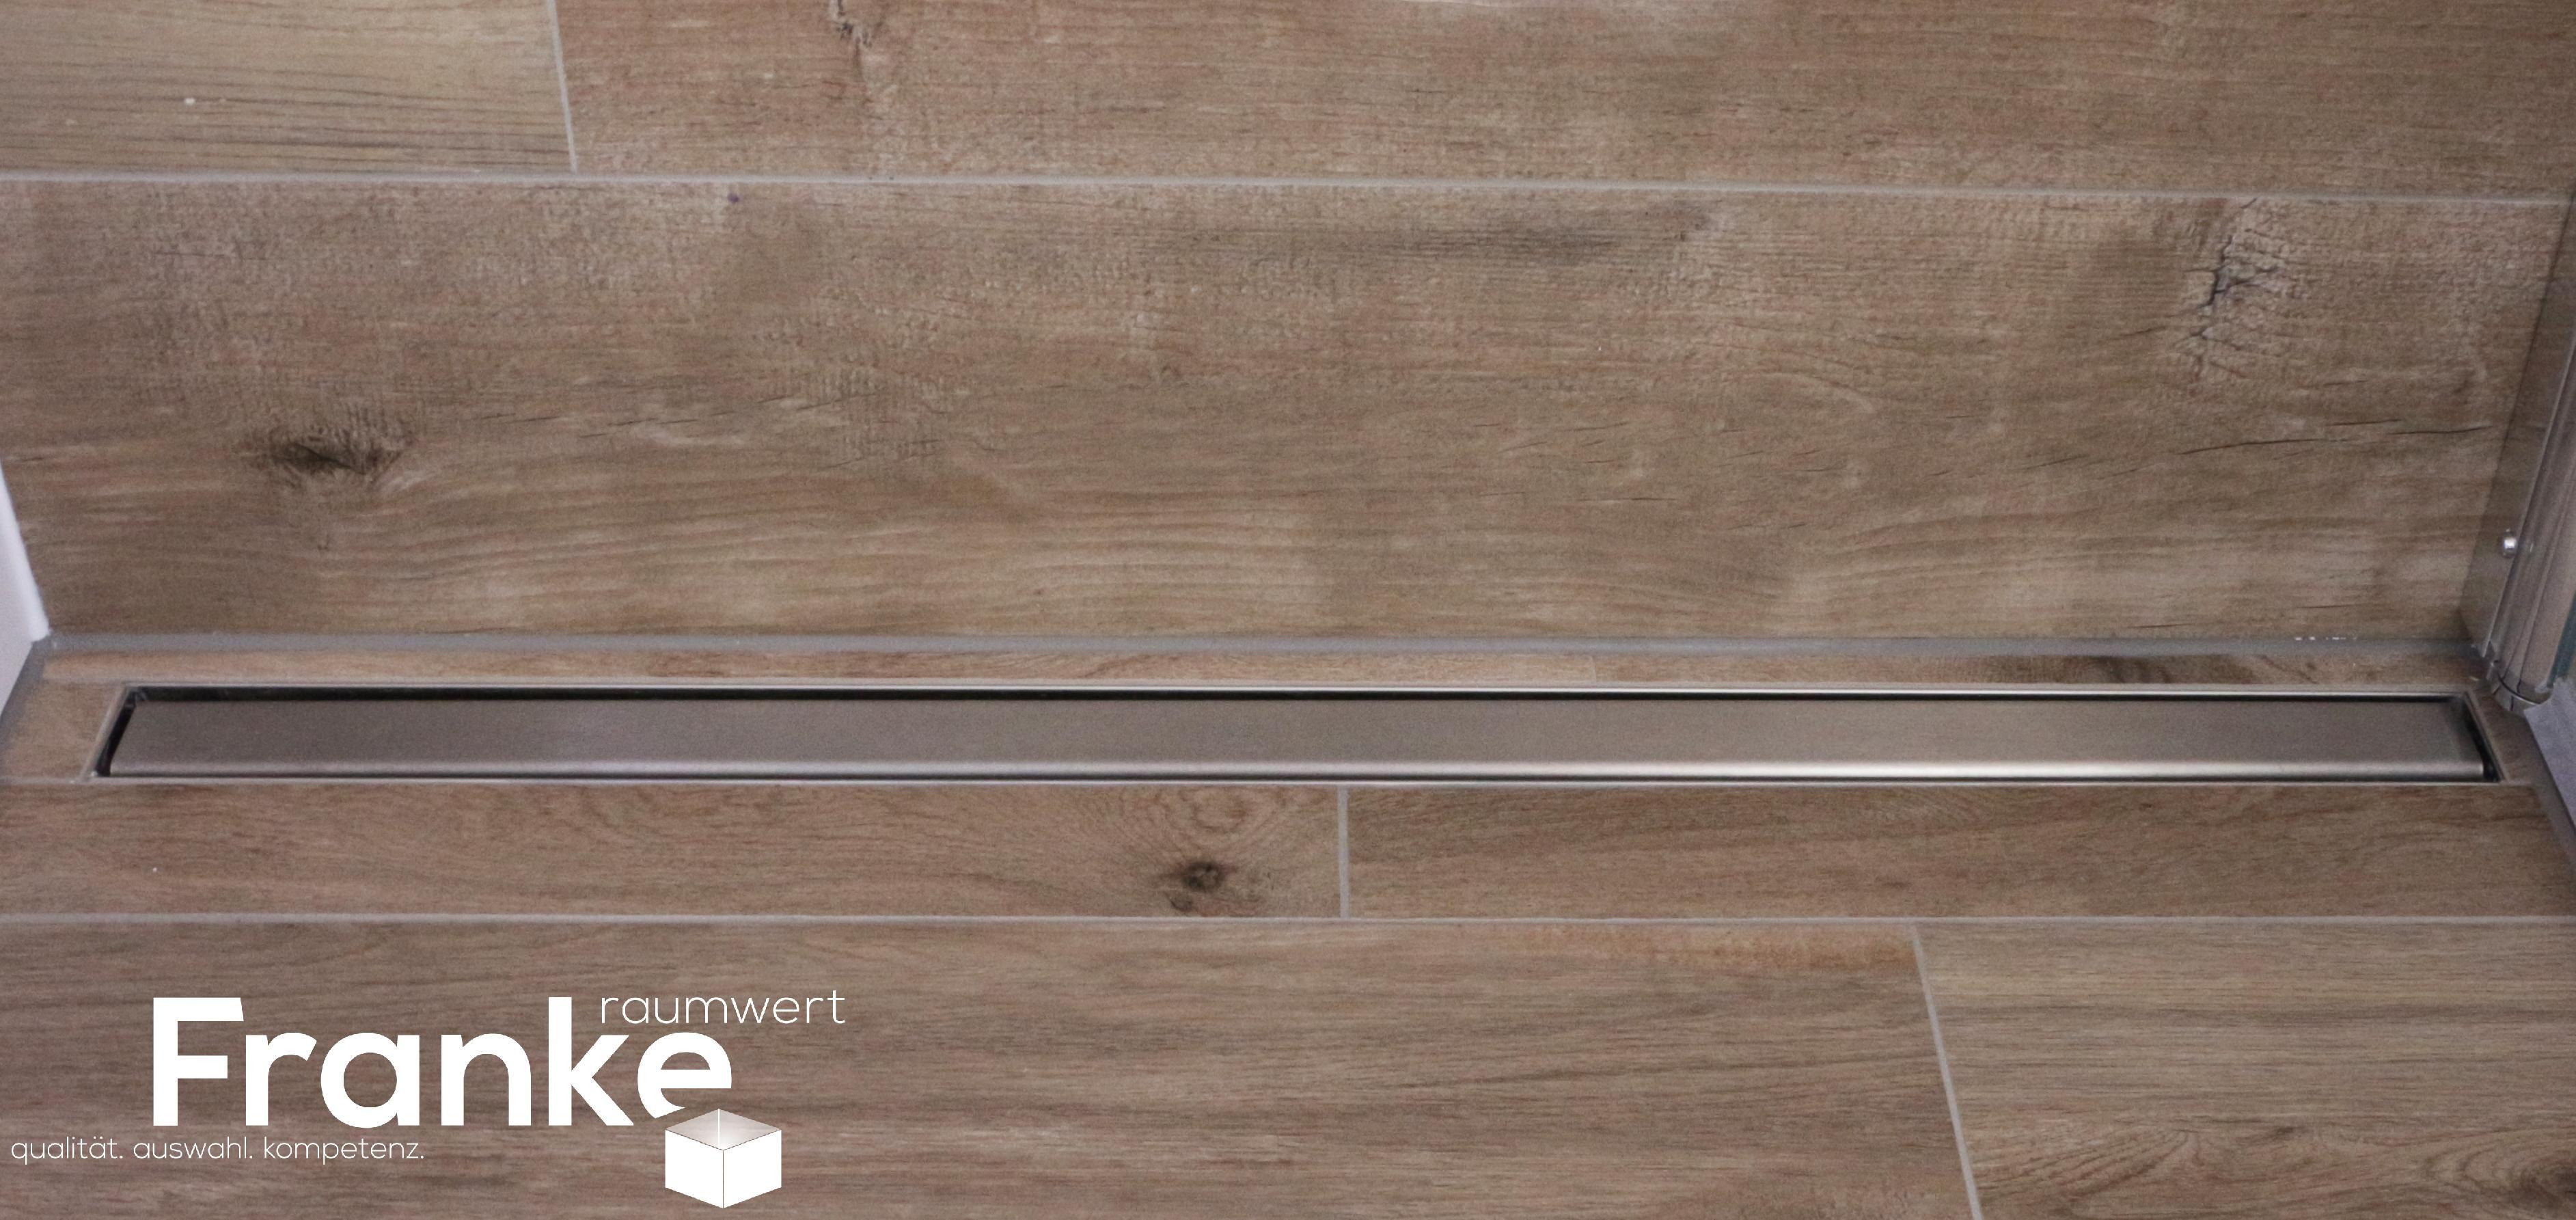 kerdi line a ablaufsystem von schlüter für bodenebene duschen www, Wohnzimmer dekoo